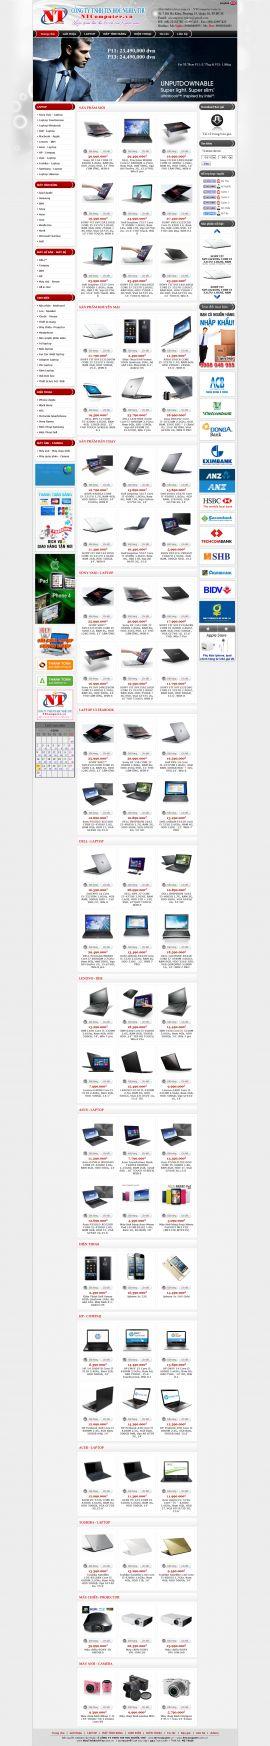 Mẫu website bán hàng điện tử 10186